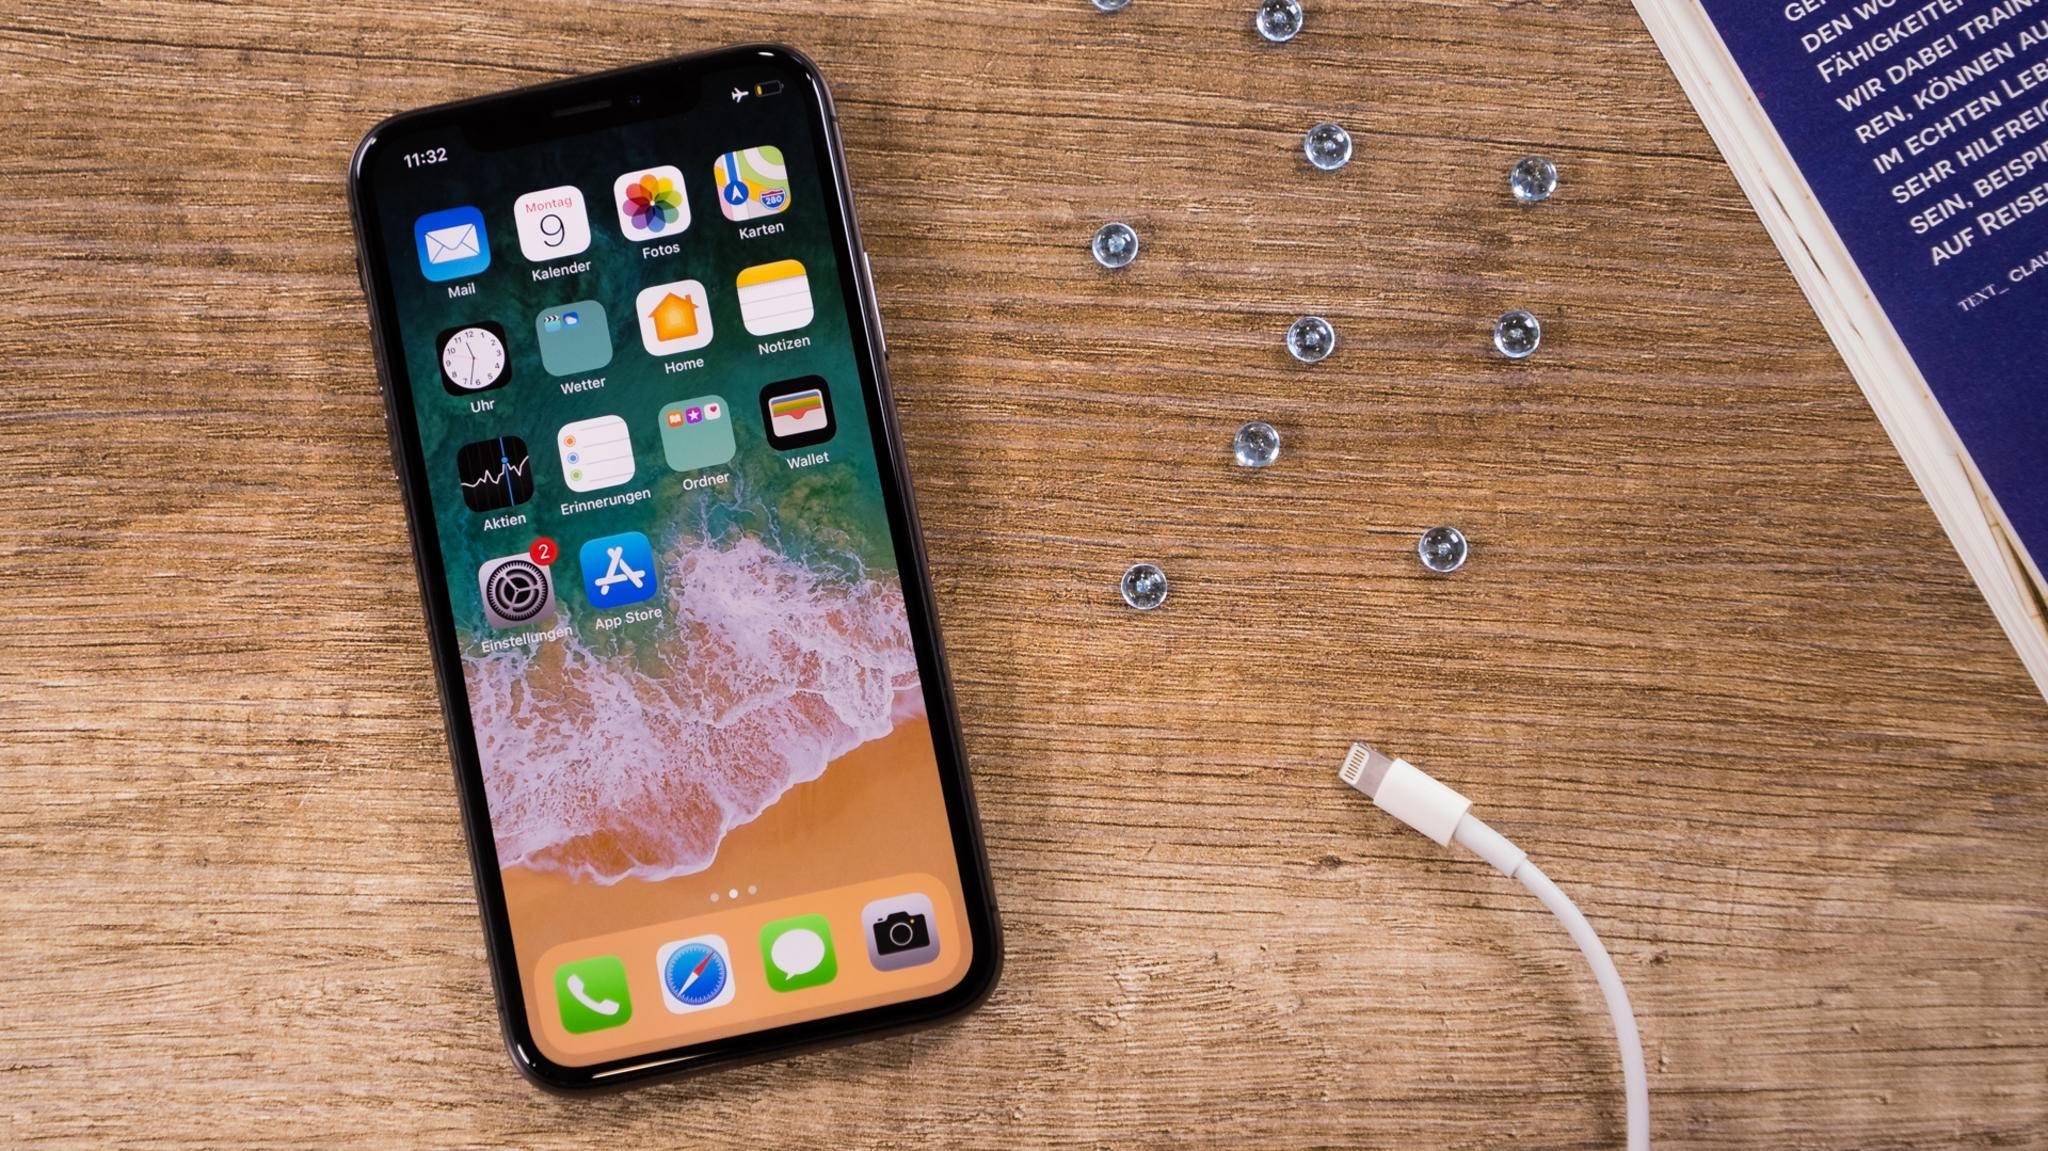 Über kein anderes iPhone wurde im Vorfeld so viel spekuliert wie über das iPhone X.